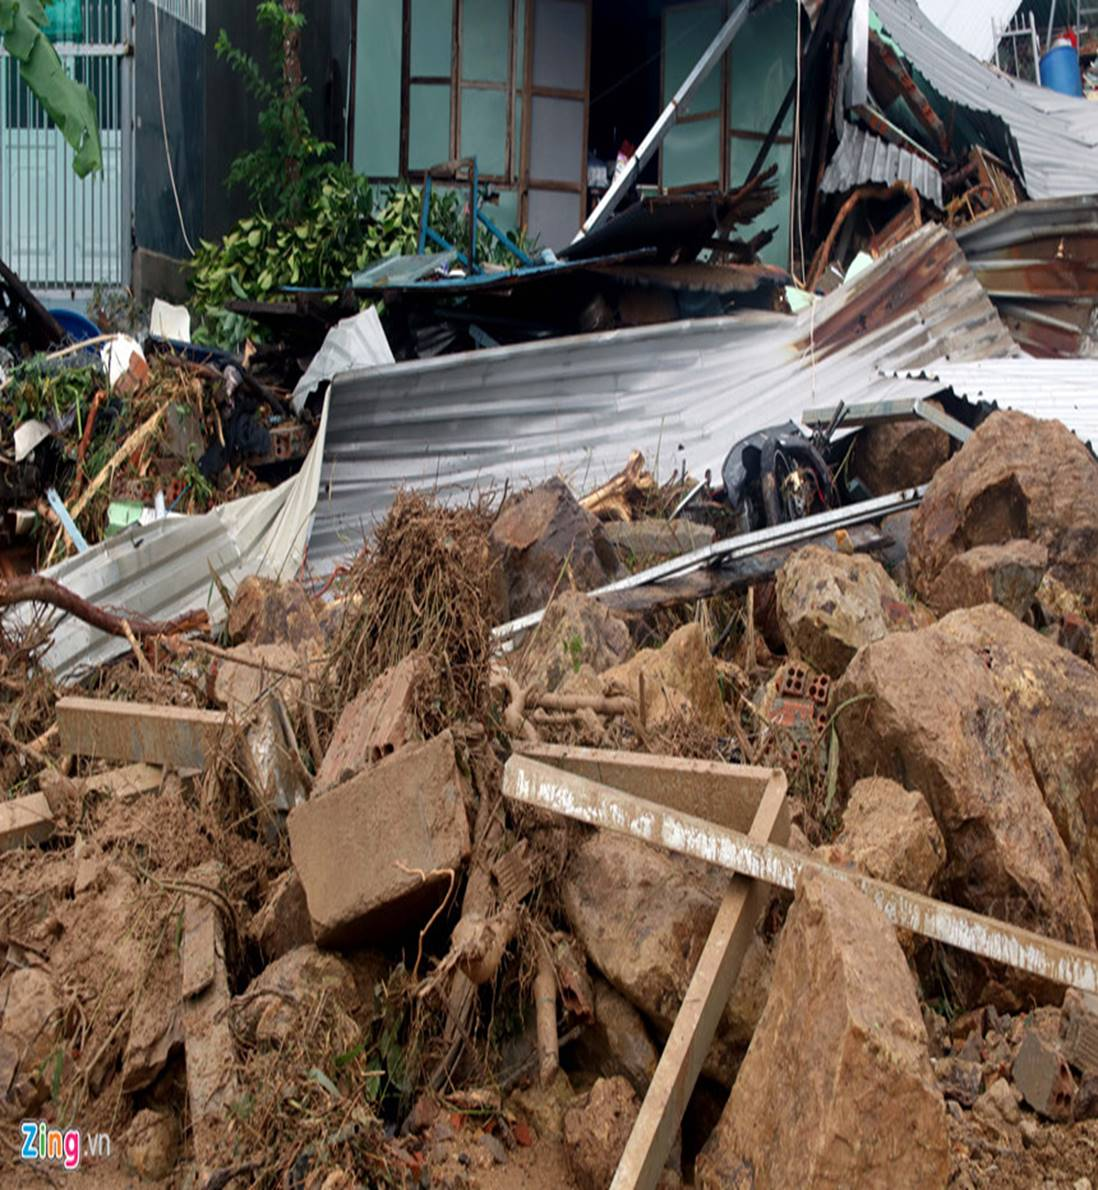 Hiện trường lũ cuốn, sạt lở làm 12 người tử vong ở Nha Trang-5